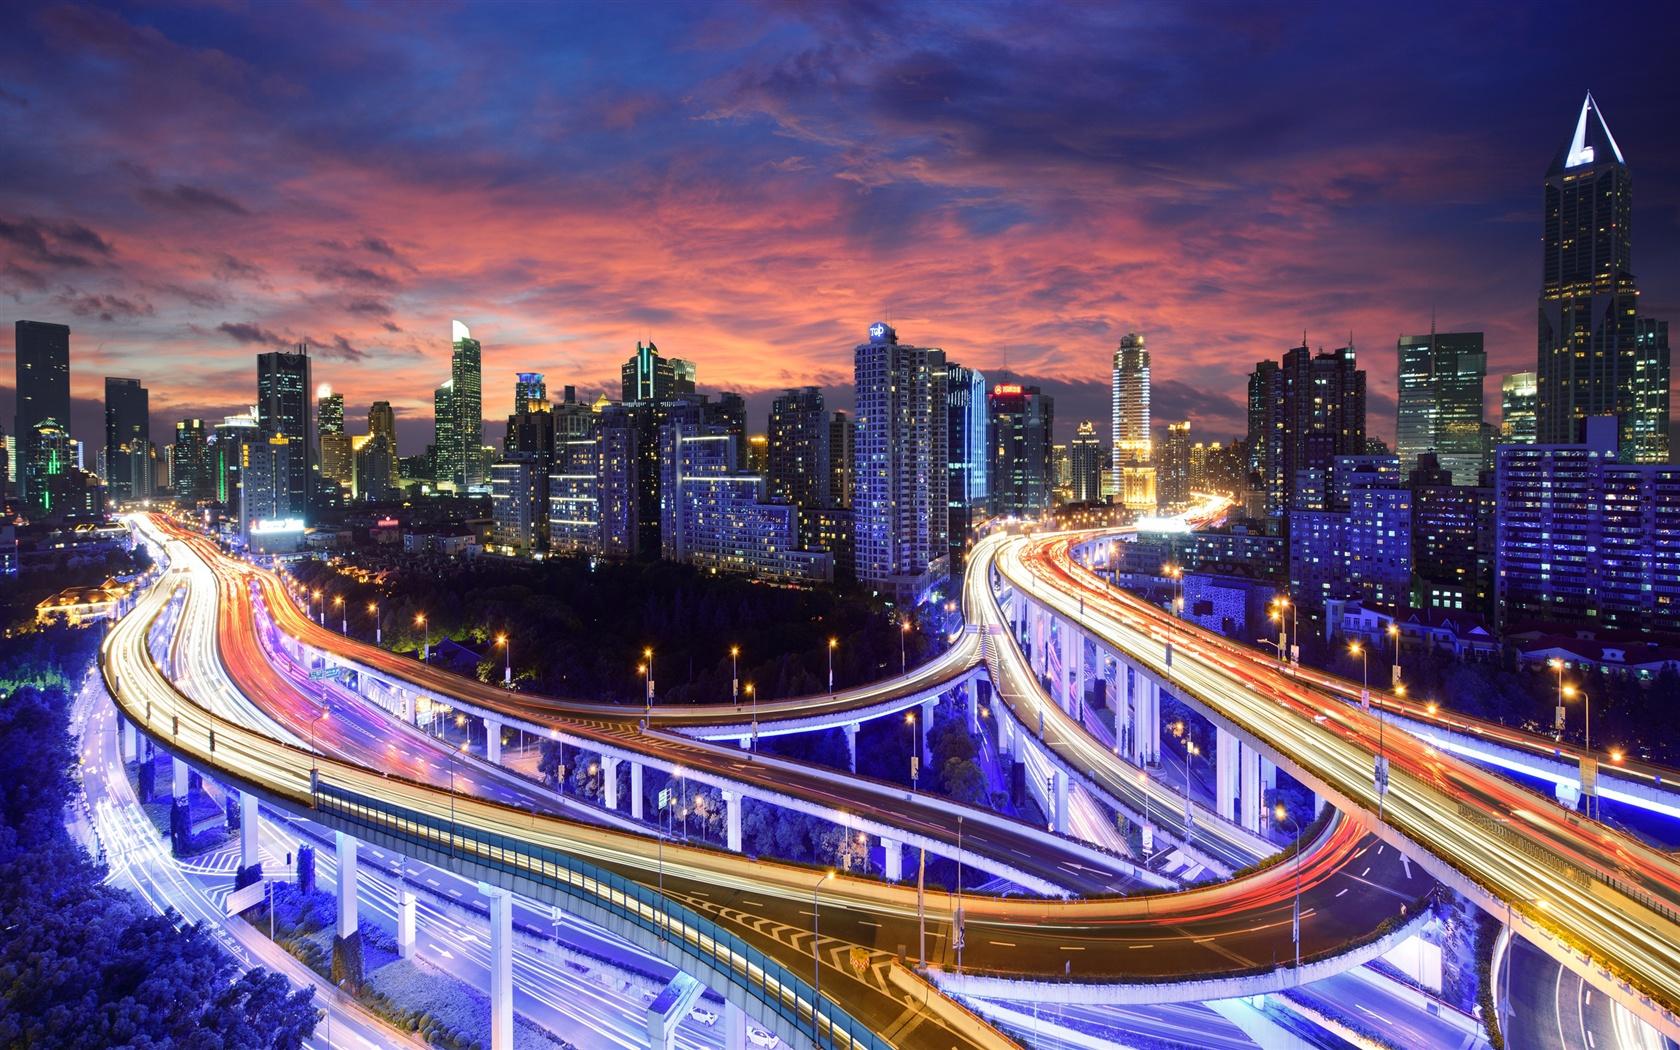 hong kong china city night lights highway skyscrapers